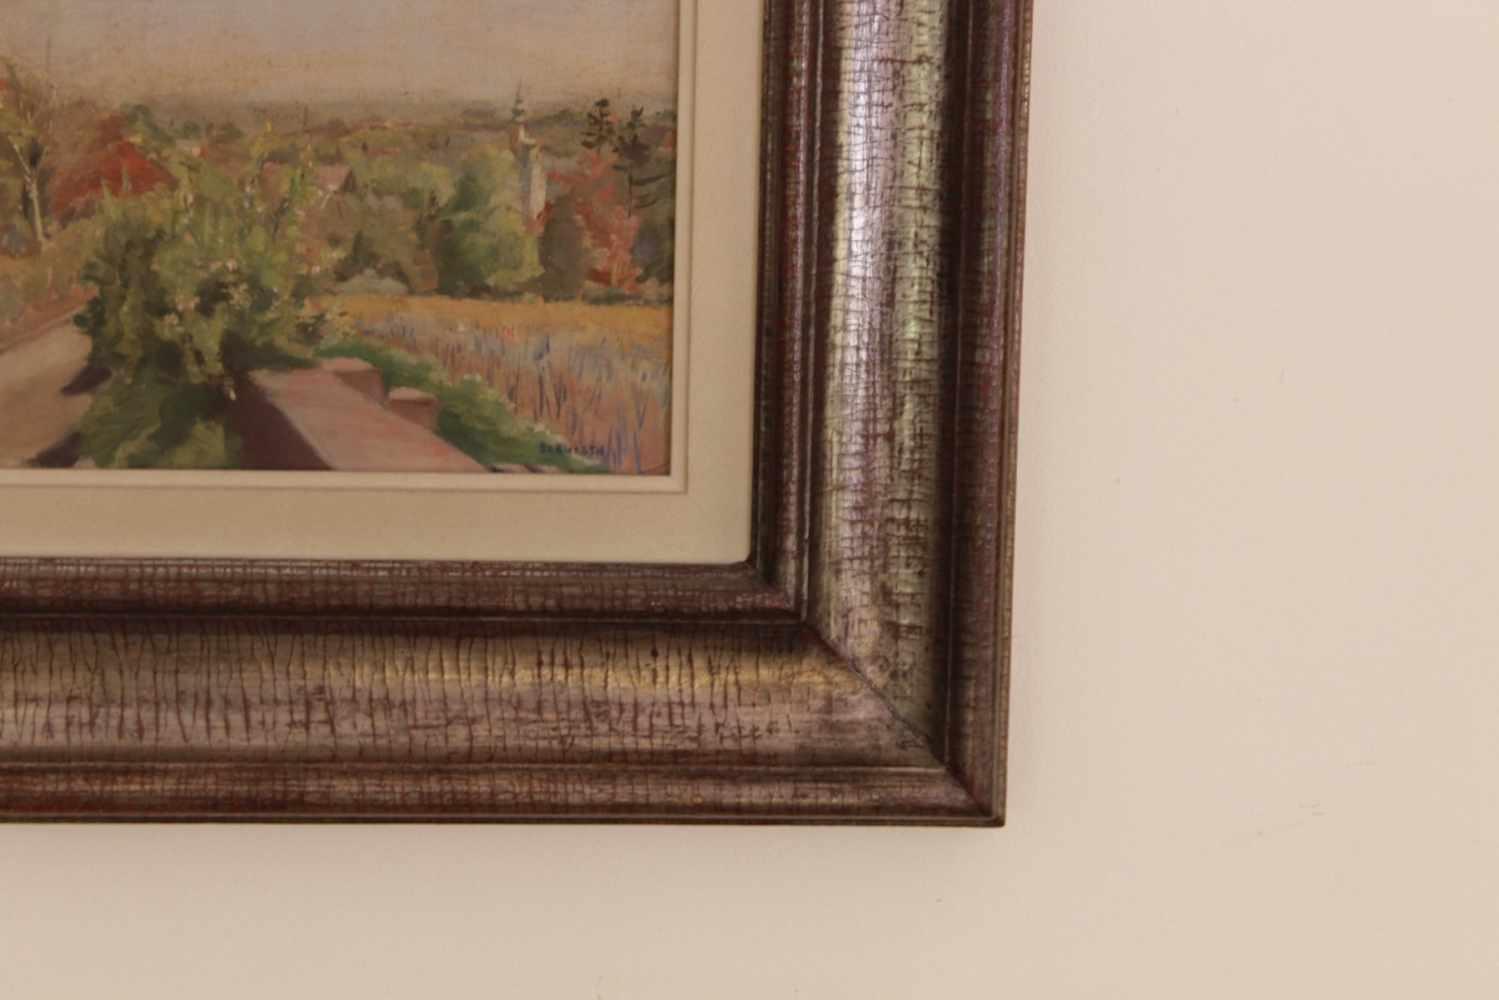 HOHLWEG IN GRINZING Laura Helmtraud Berwerth (1887 - 1963), Öl auf Holz, 39 x 29 cm, in Holzrahmen - Image 2 of 2